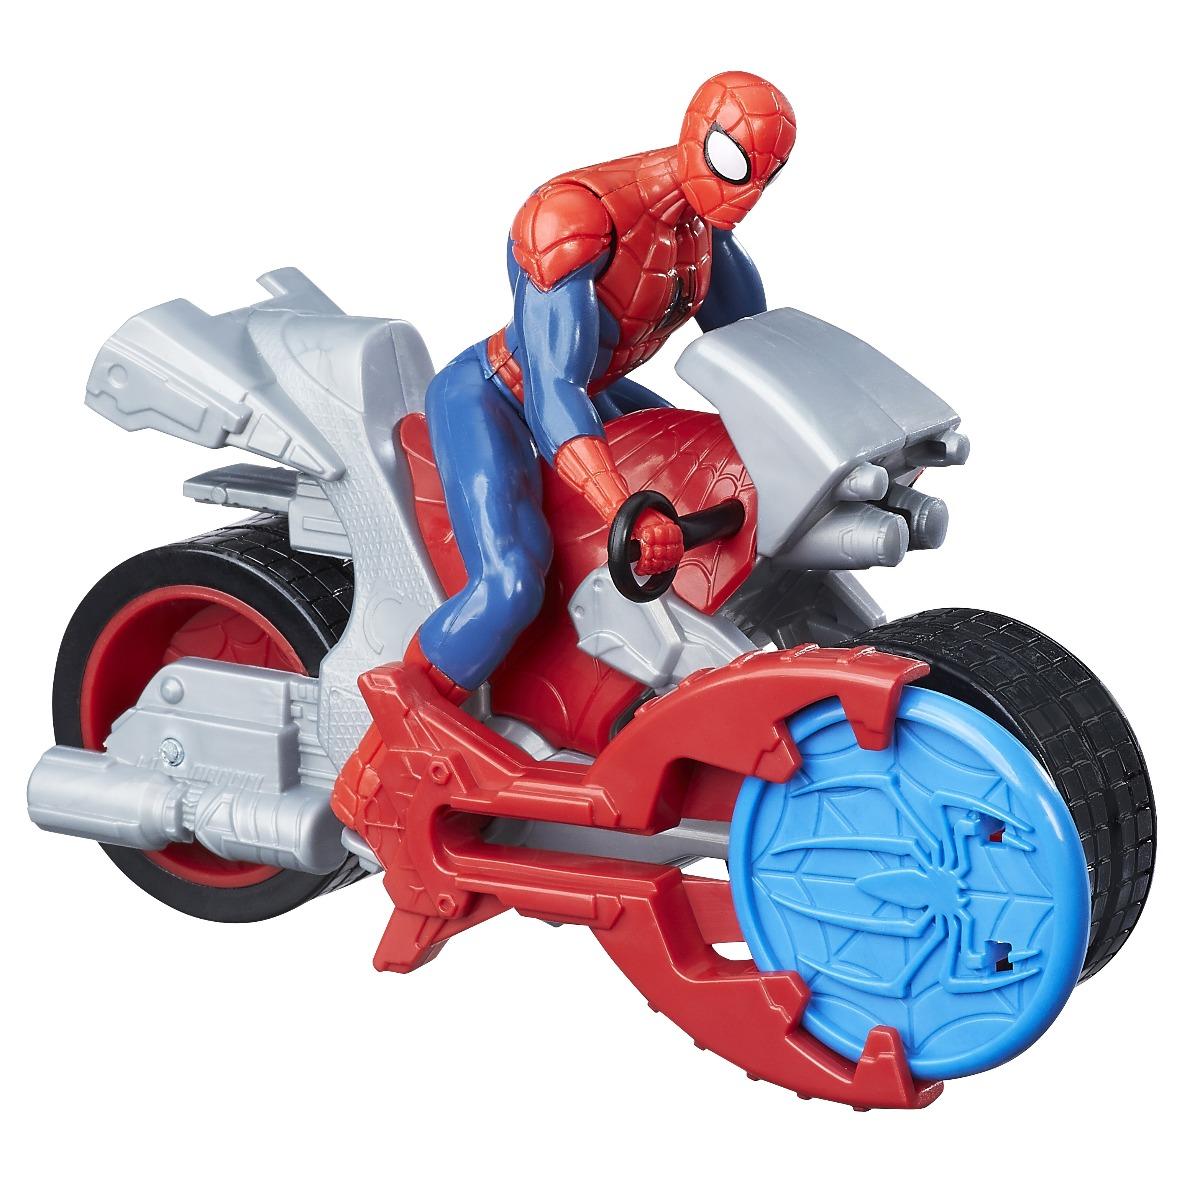 figurina spiderman si vehicul cu lansator